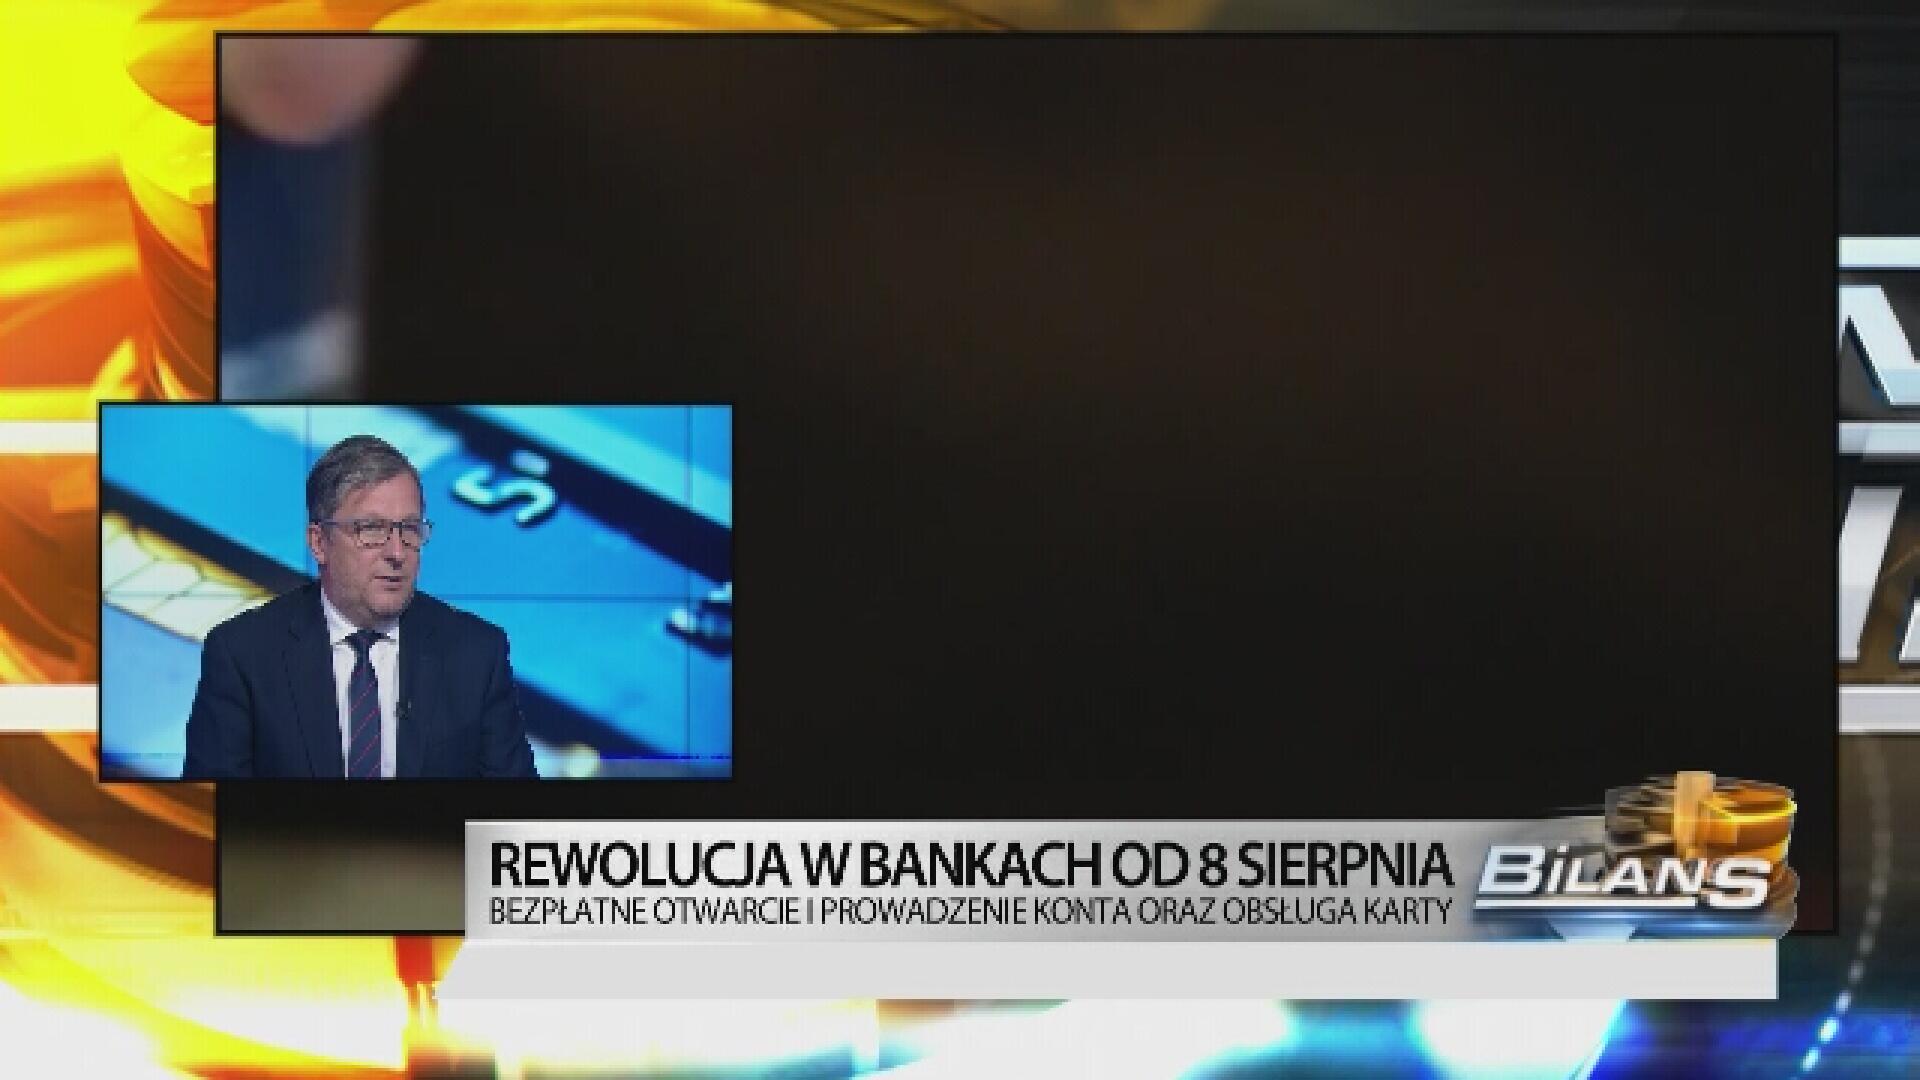 248fd688bdb19a Rewolucja w bankach. Darmowe konta i karty